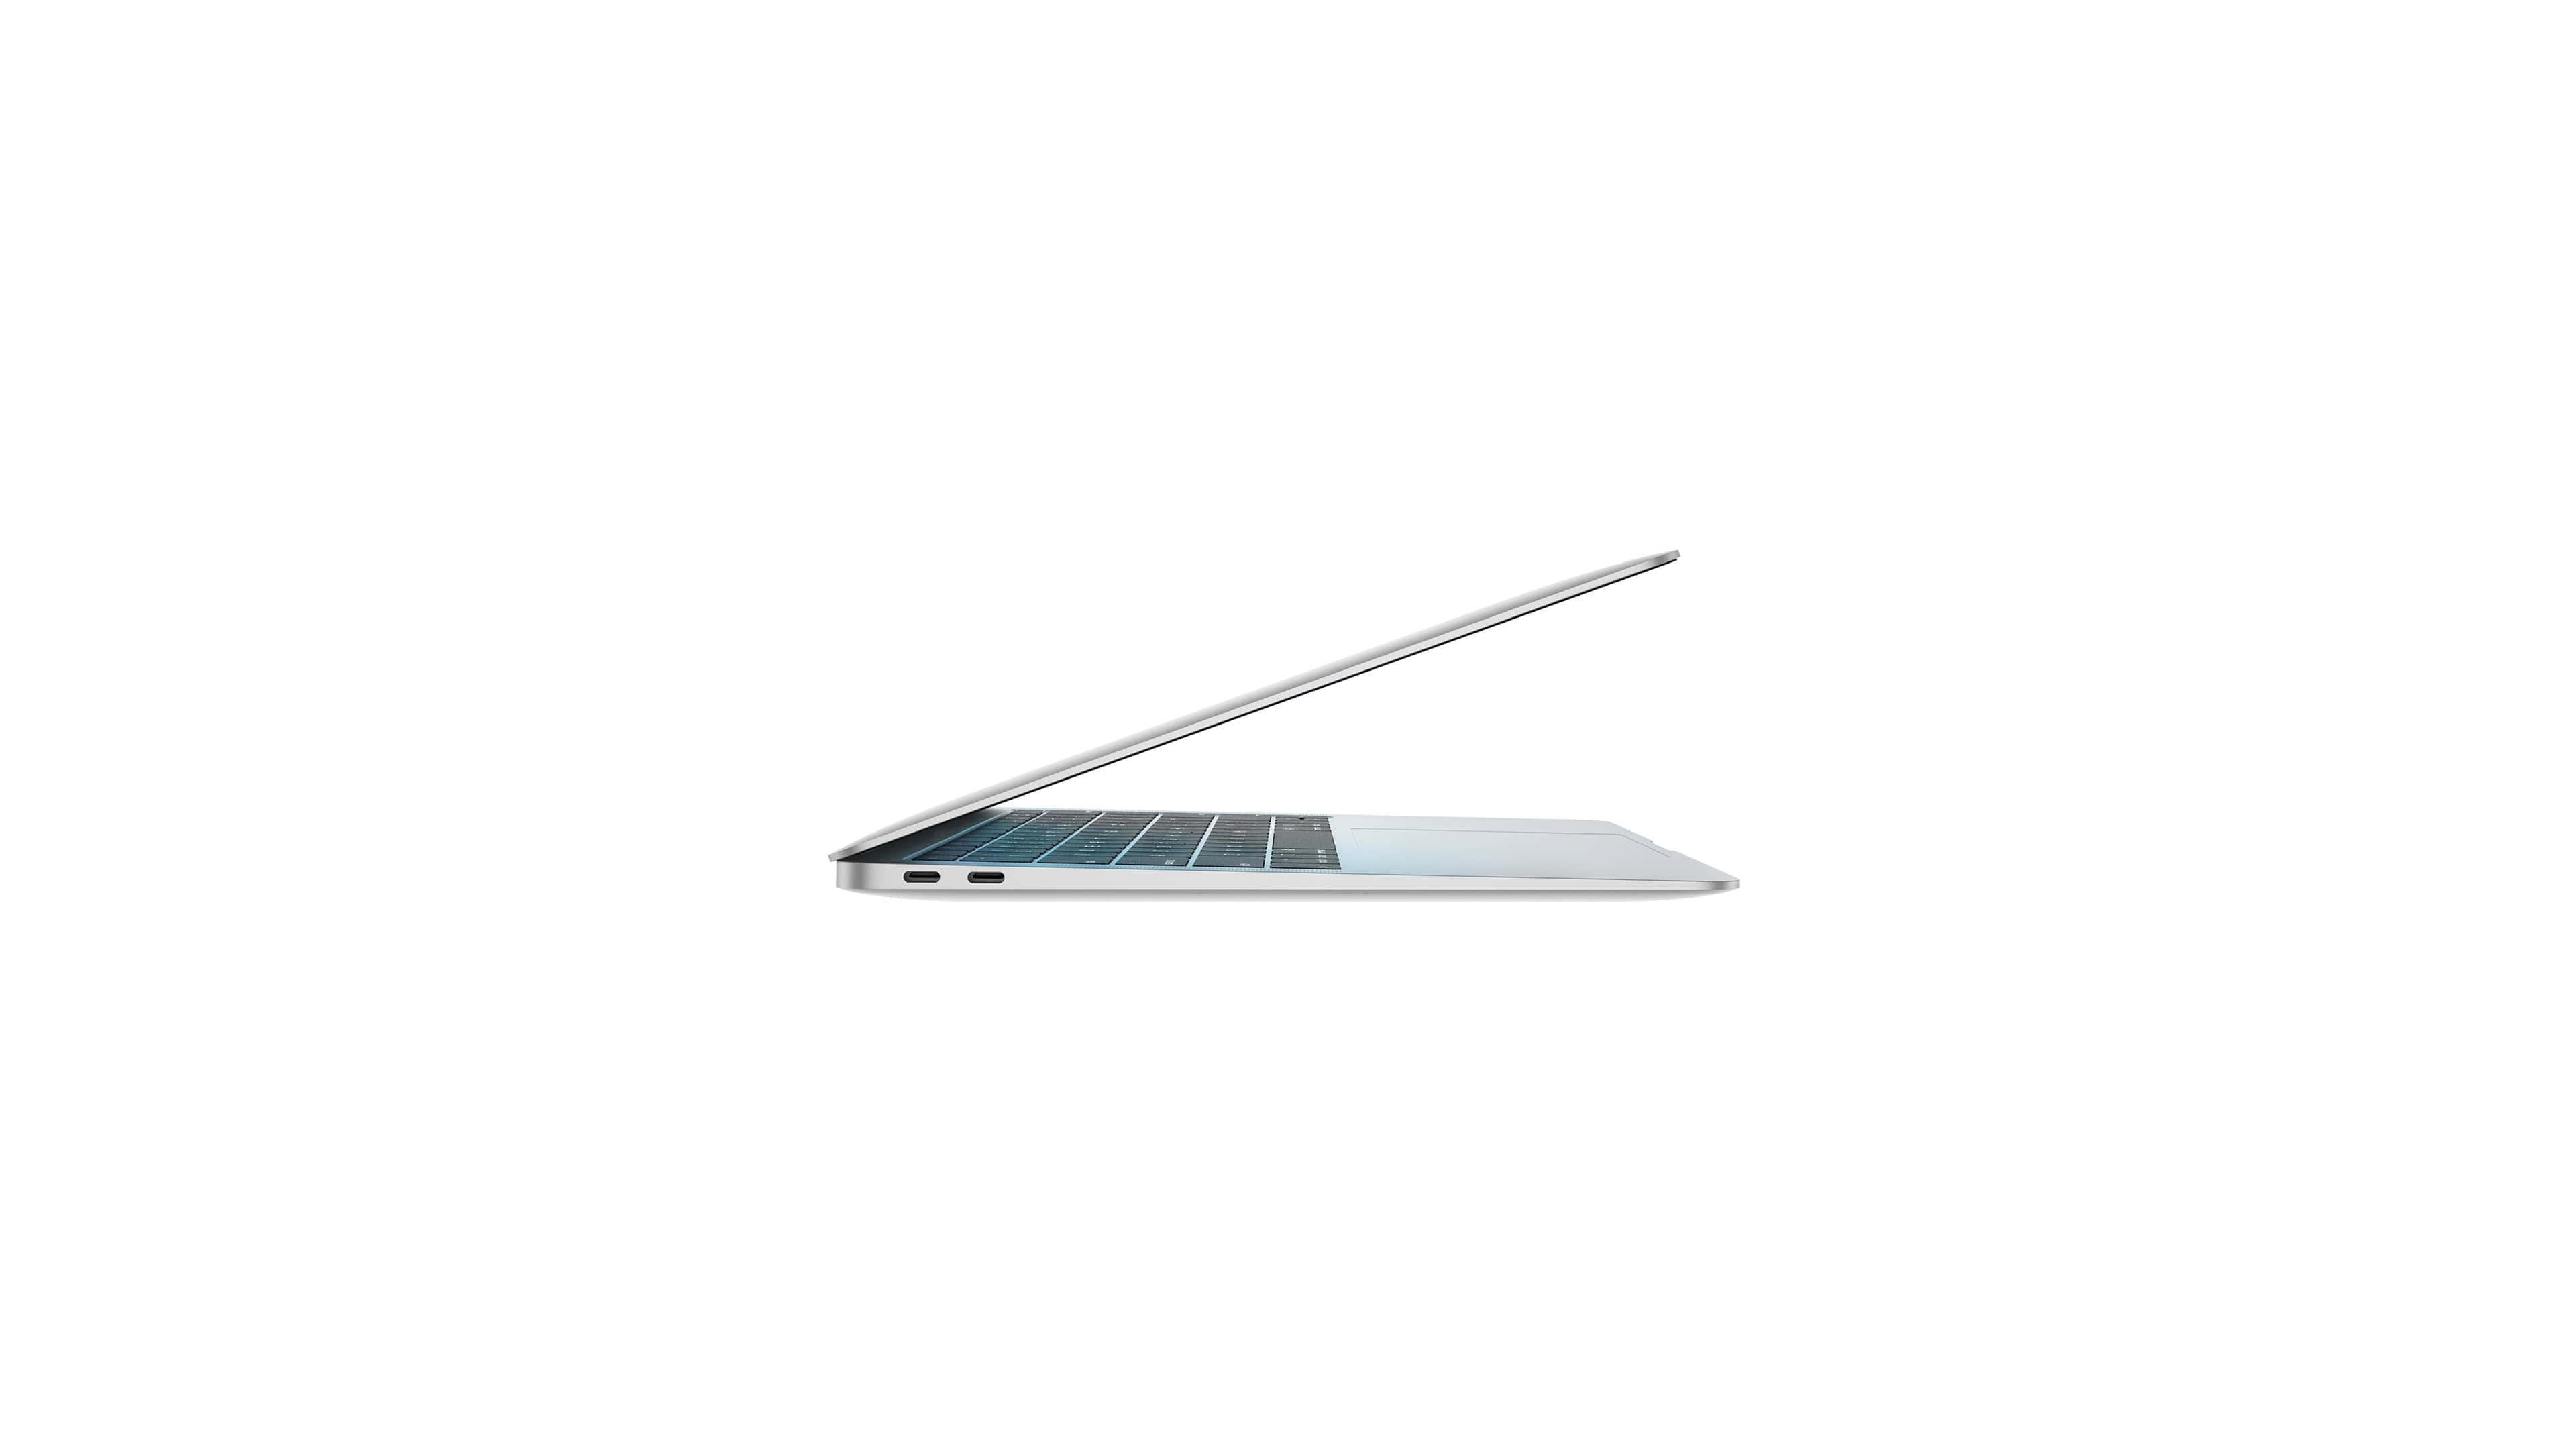 apple macbook air 13.3 side uhd 4k wallpaper